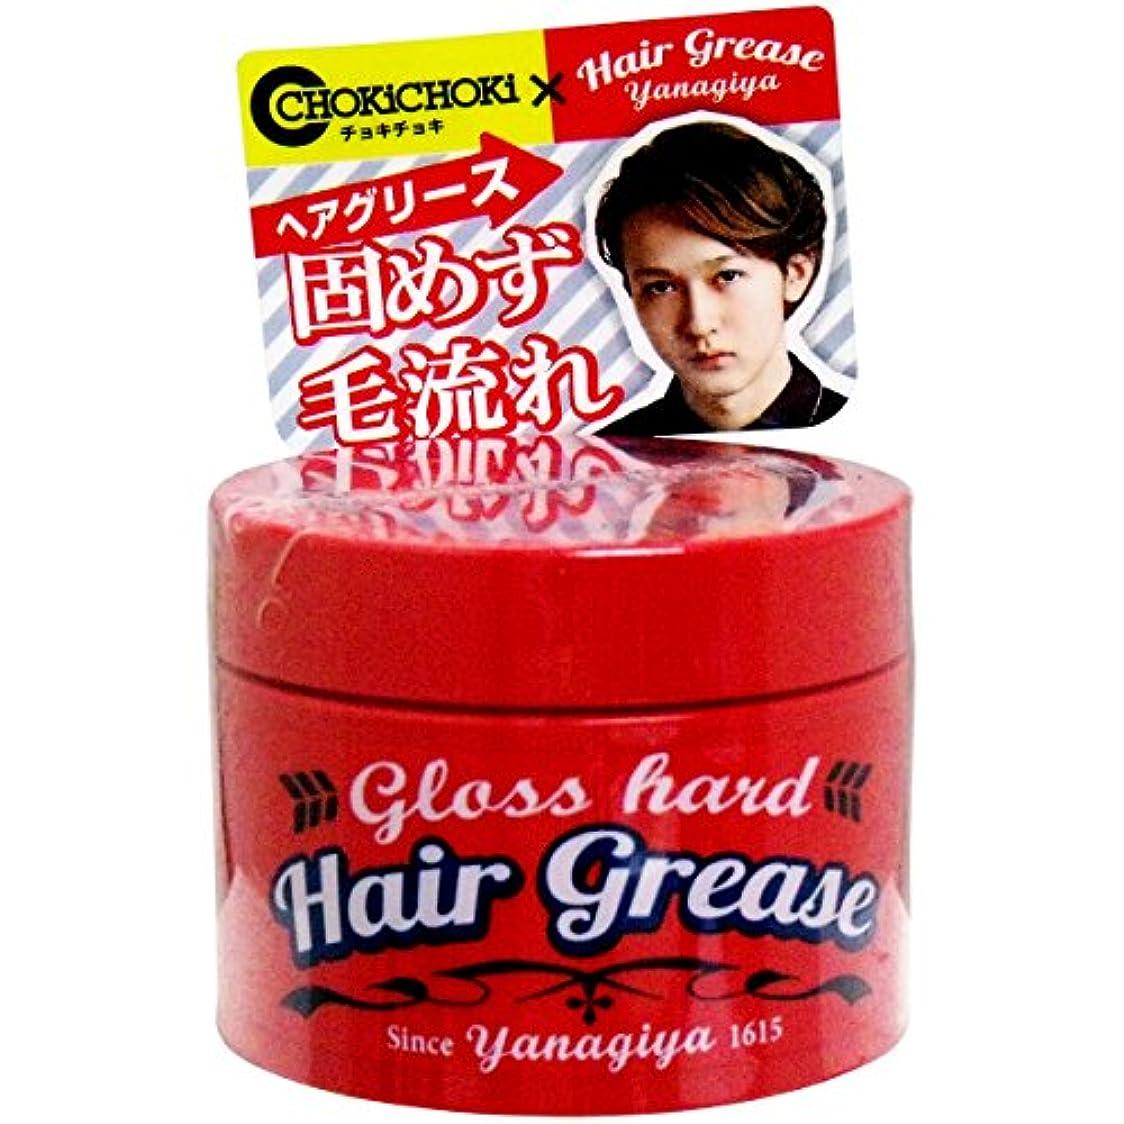 テナントライム衣服ヘアワックス 固めず毛流れ 使いやすい YANAGIYA ヘアグリース グロスハード 90g入【2個セット】